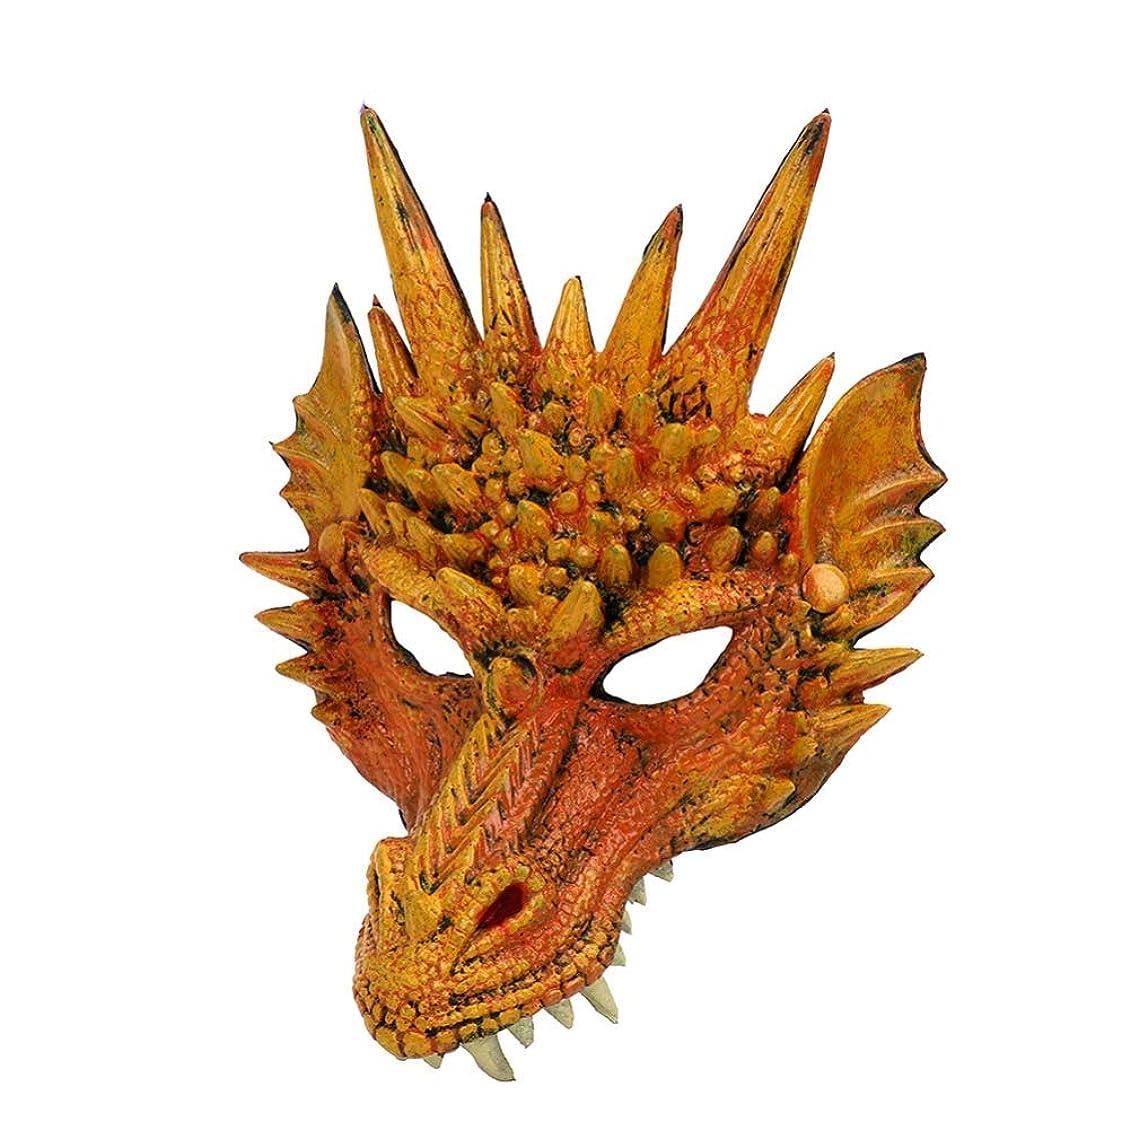 業界修理工火星Esolom 4Dドラゴンマスク ハーフマスク 10代の子供のためのハロウィンコスチューム パーティーの装飾 テーマパーティー用品 ドラゴンコスプレ小道具